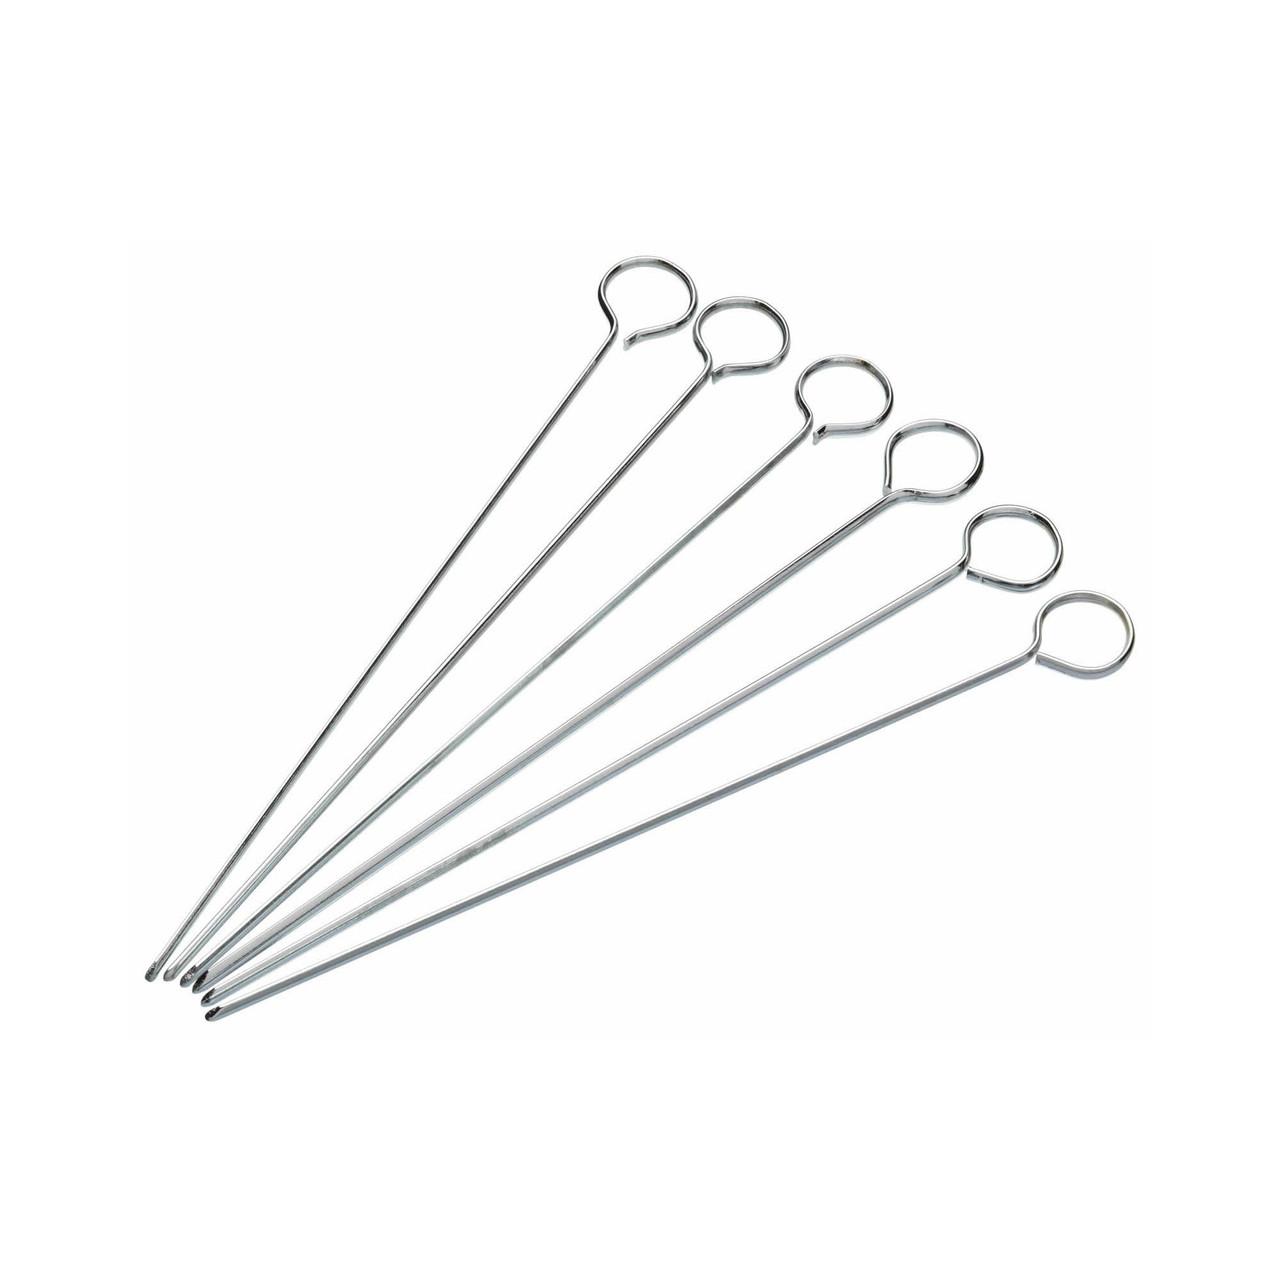 Skewers - 6 Flat Metal Brochette 20cm